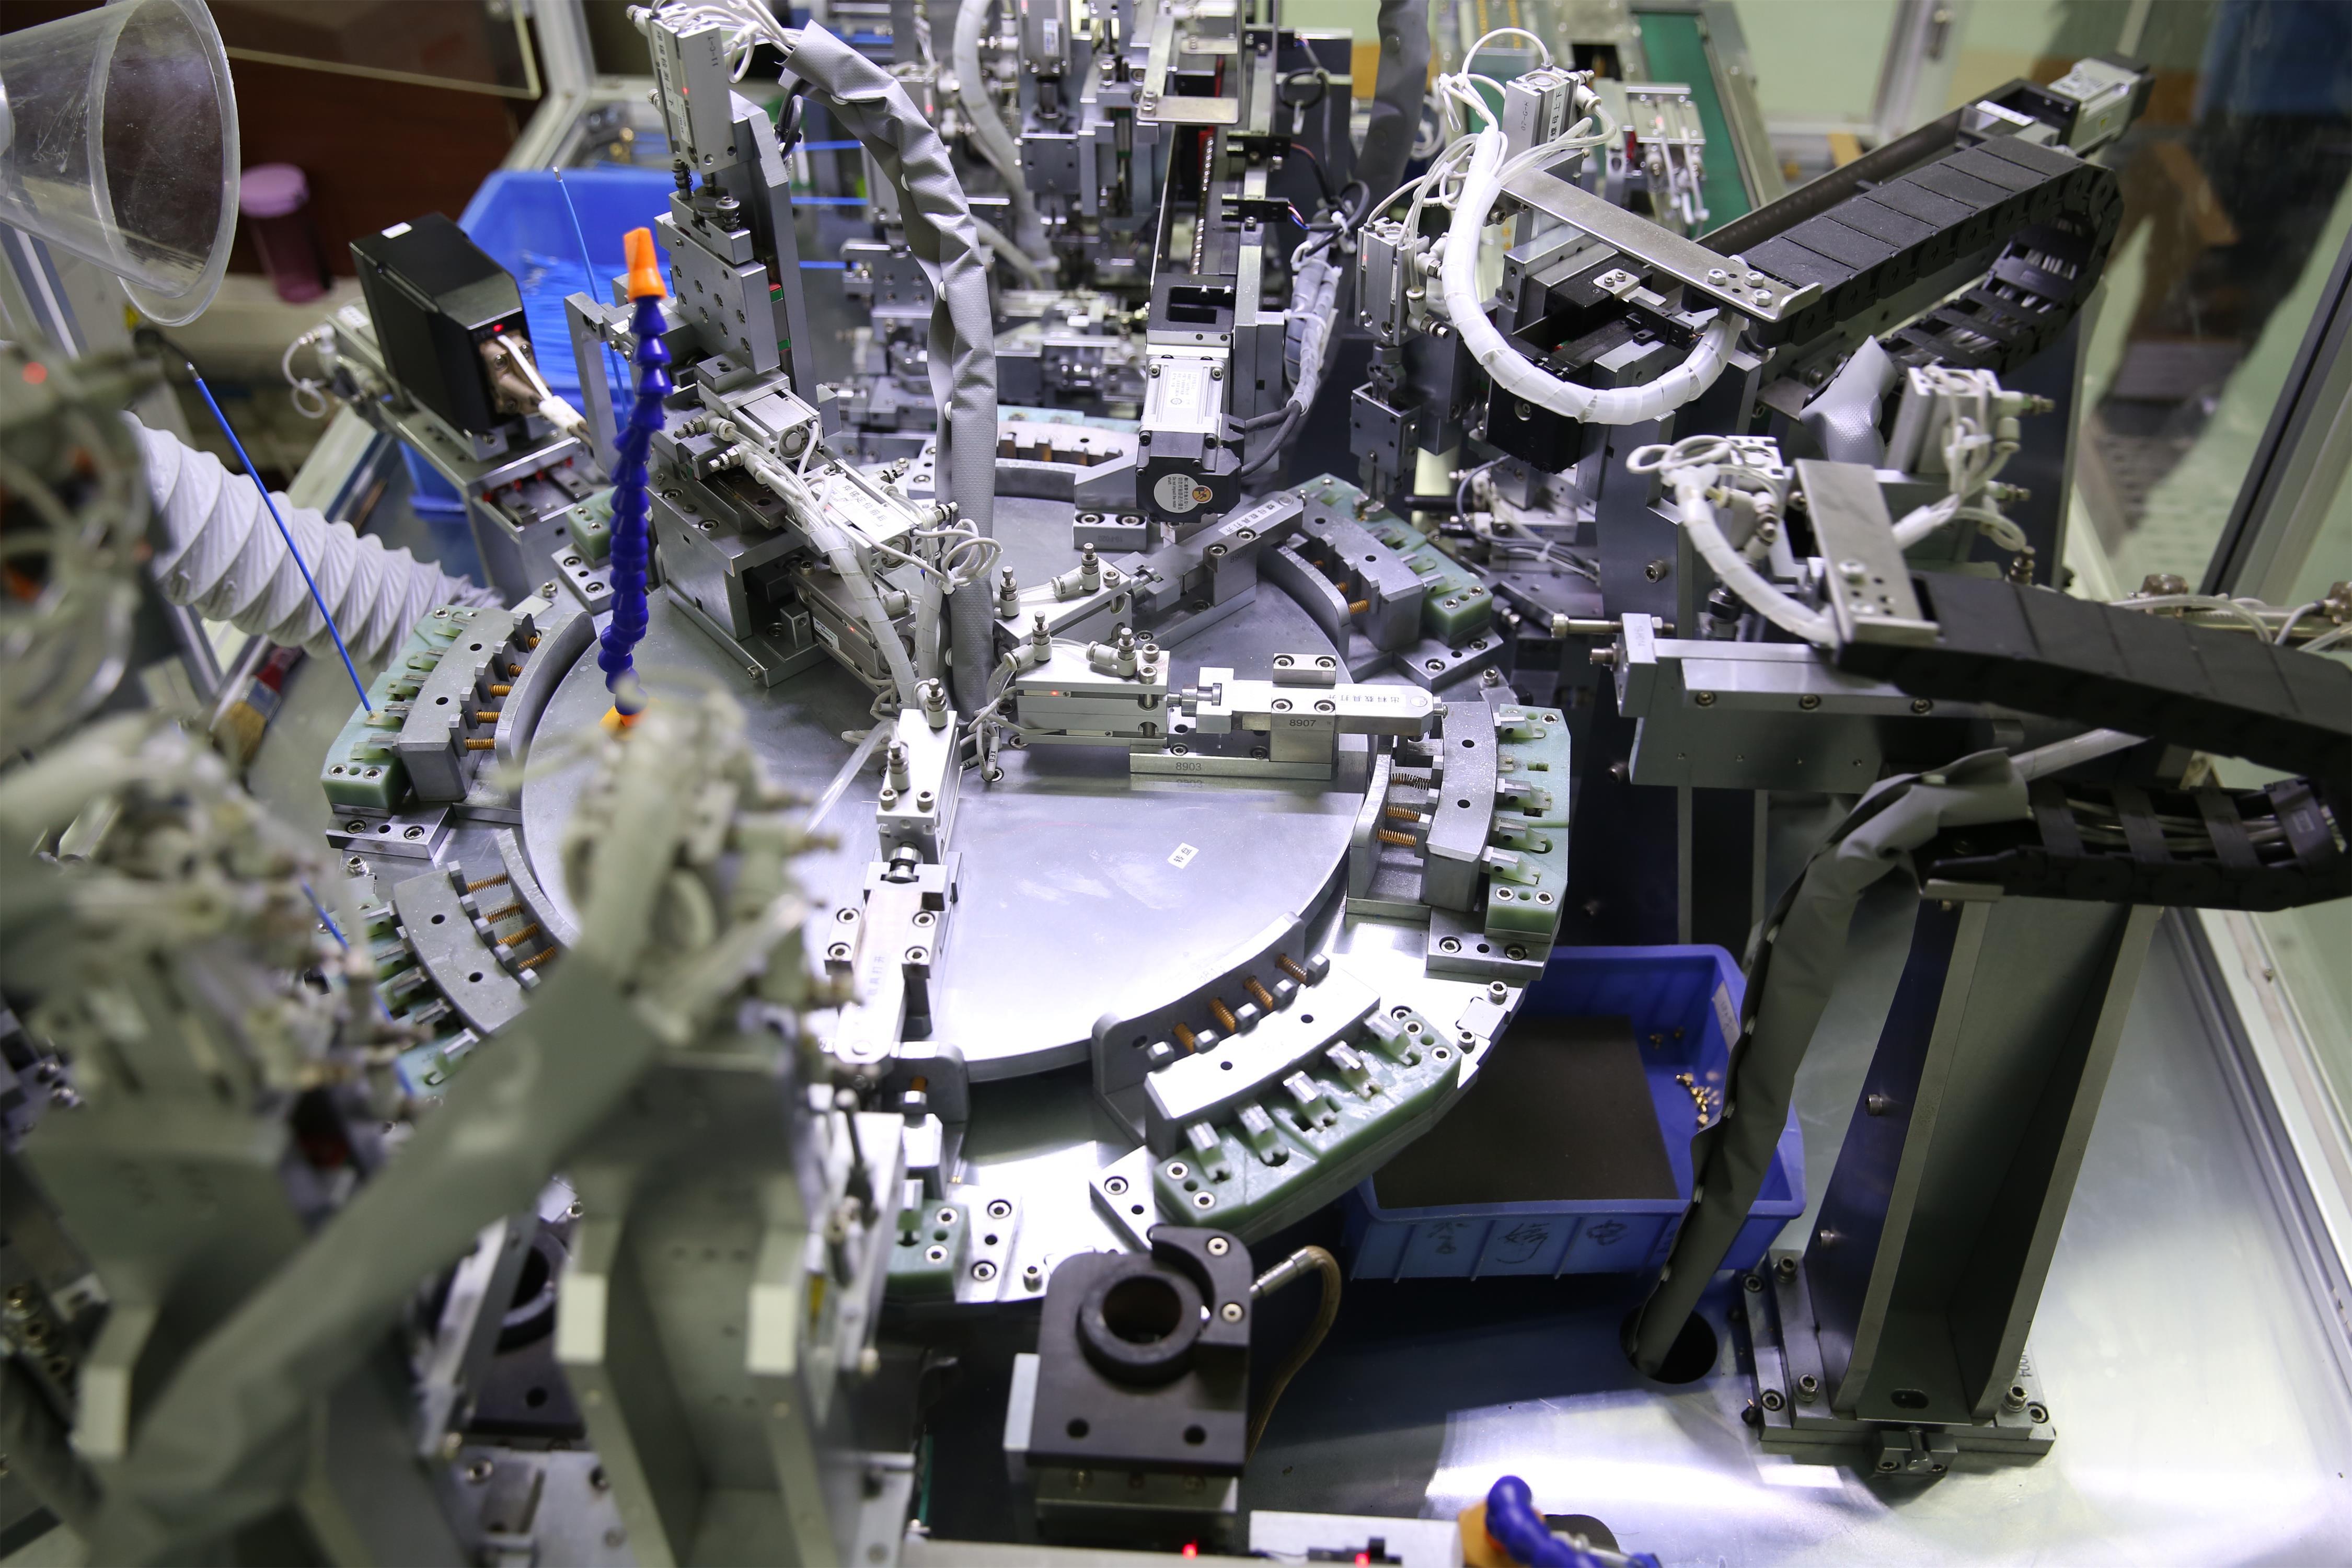 1华达股份公司5G用高性能板间连接器自动化生产线